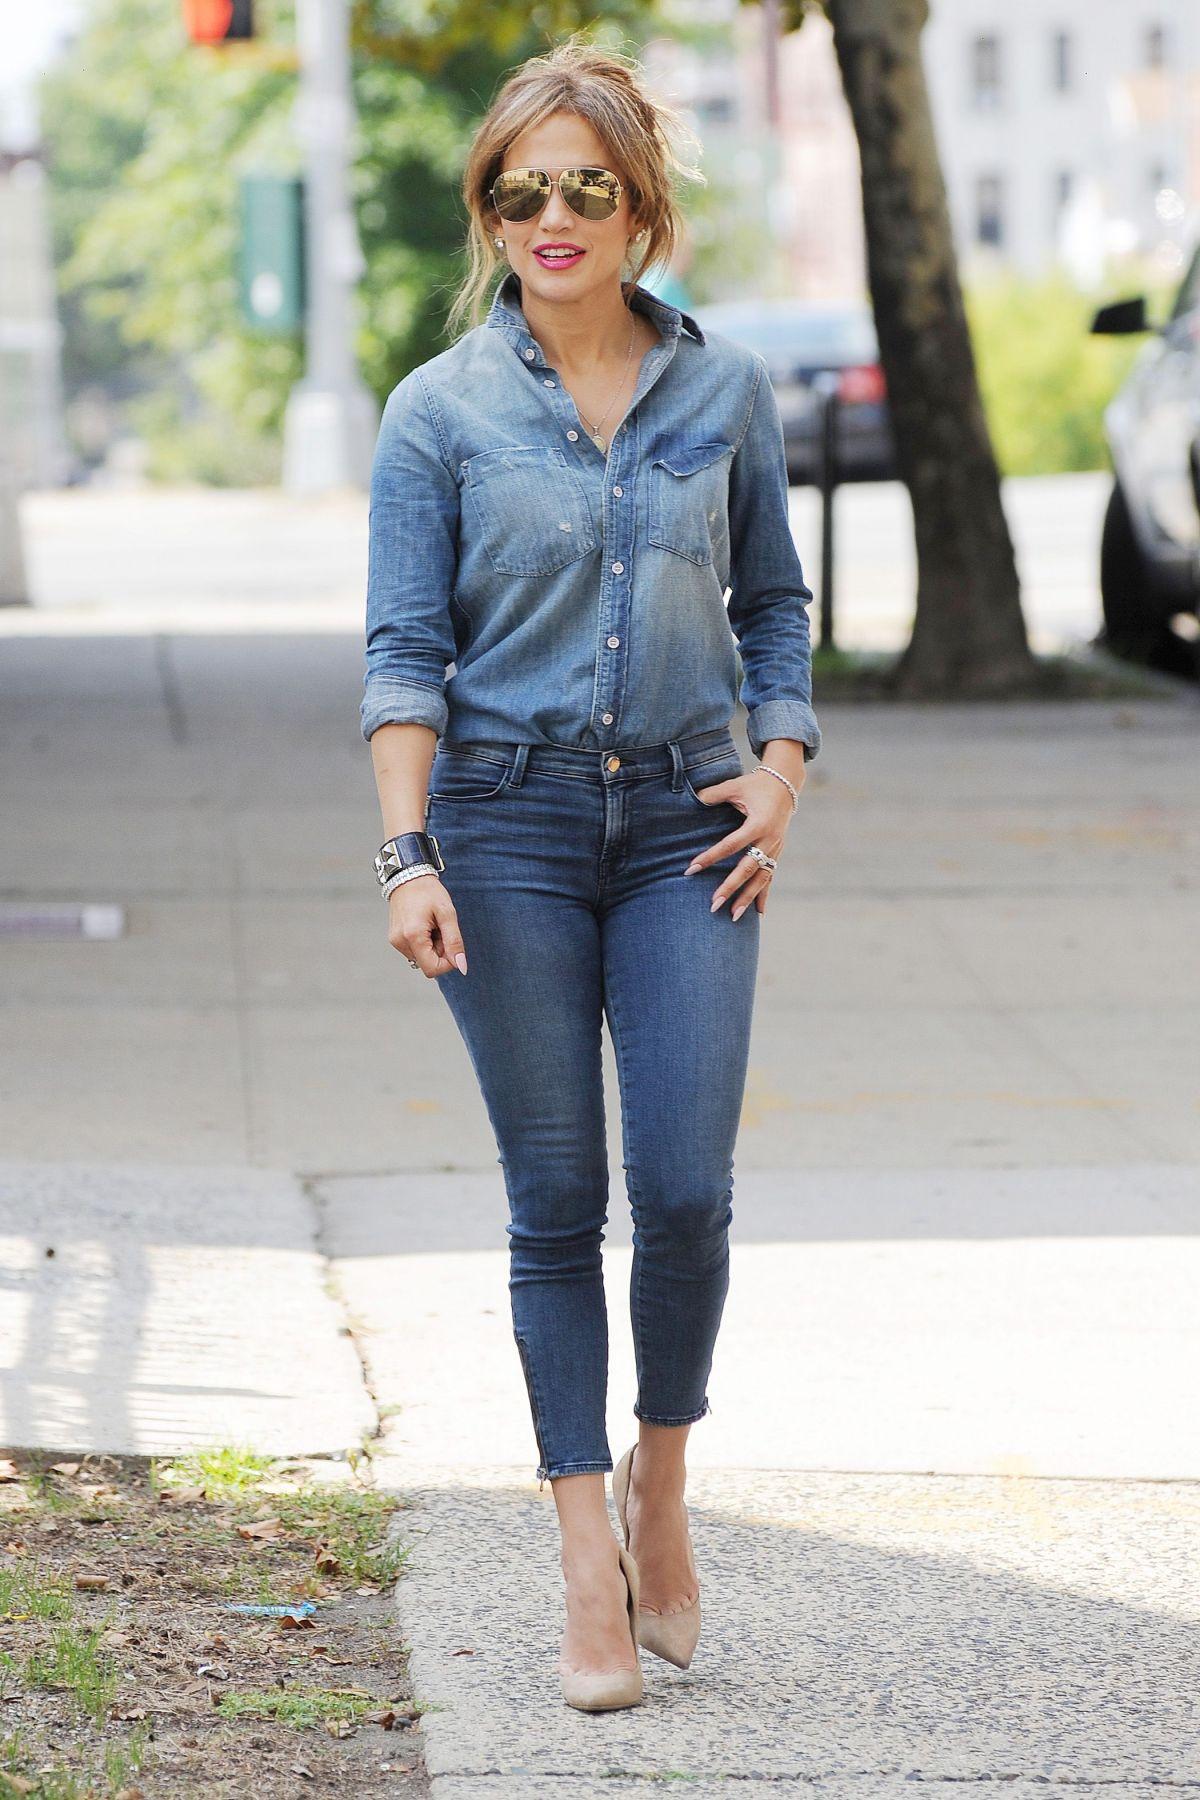 Jennifer Lopez In Jeans